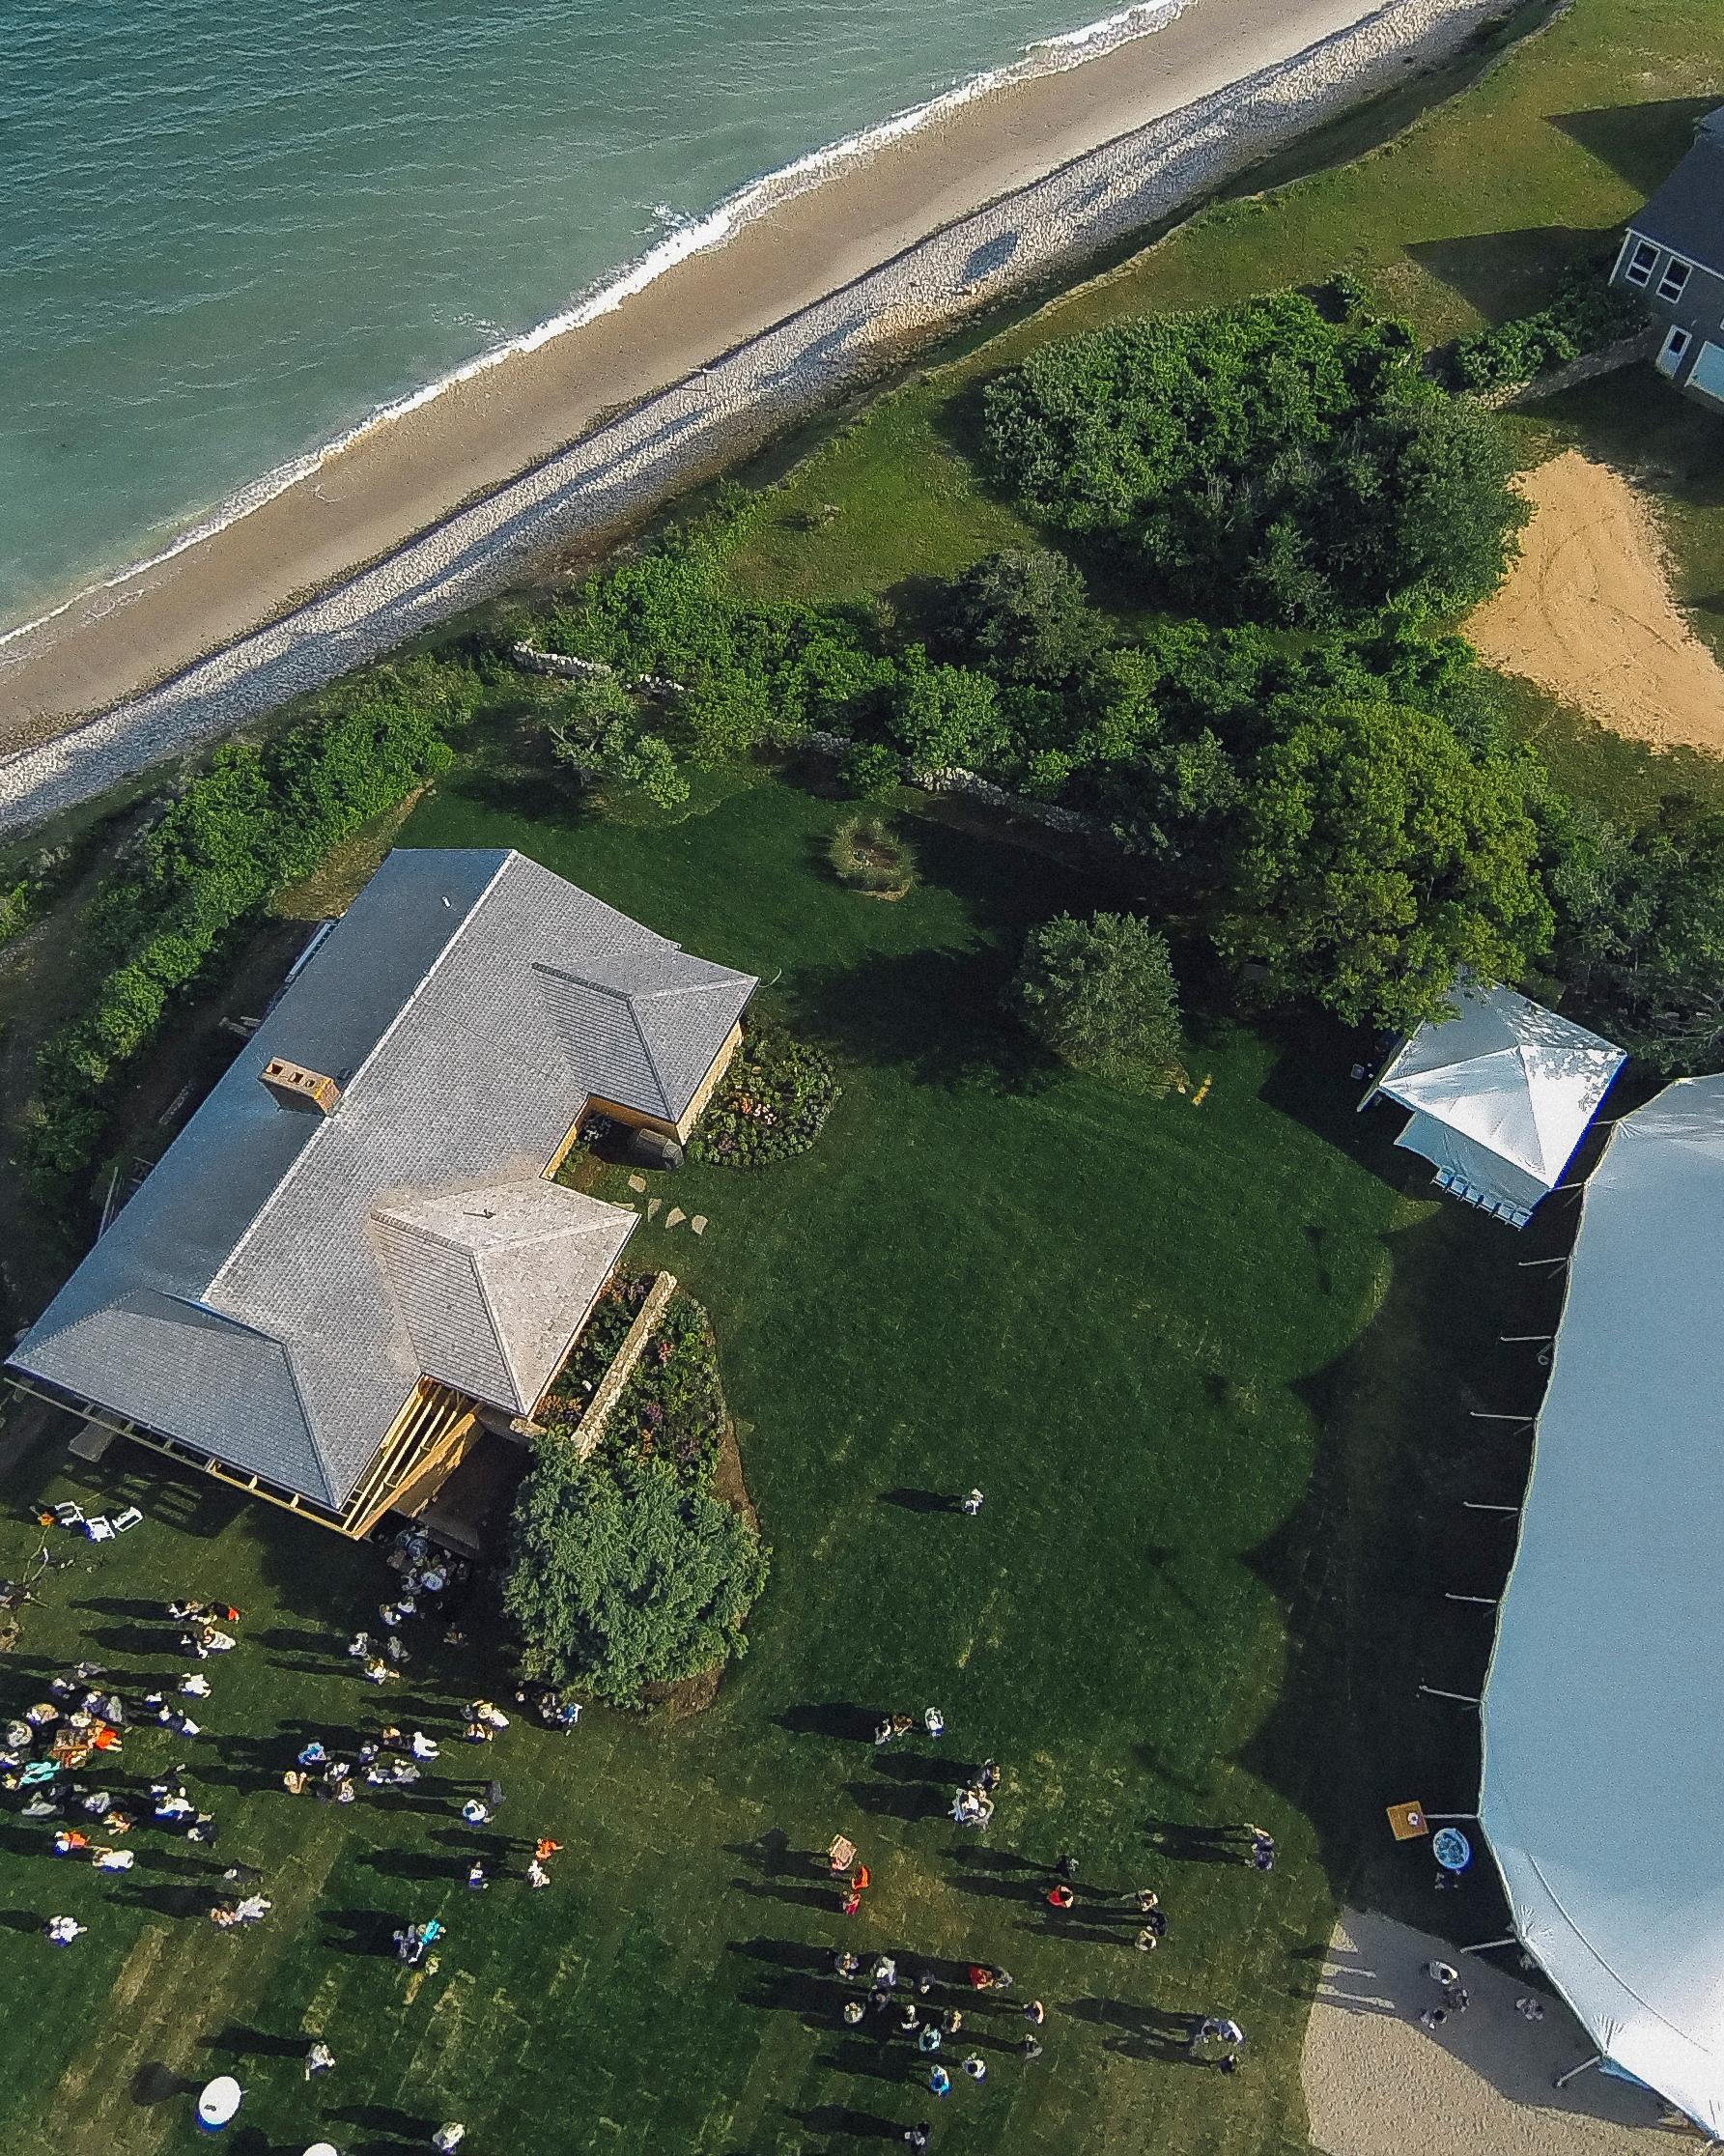 gabriela-tyson-wedding-drone-g0011194-s111748-1214.jpg